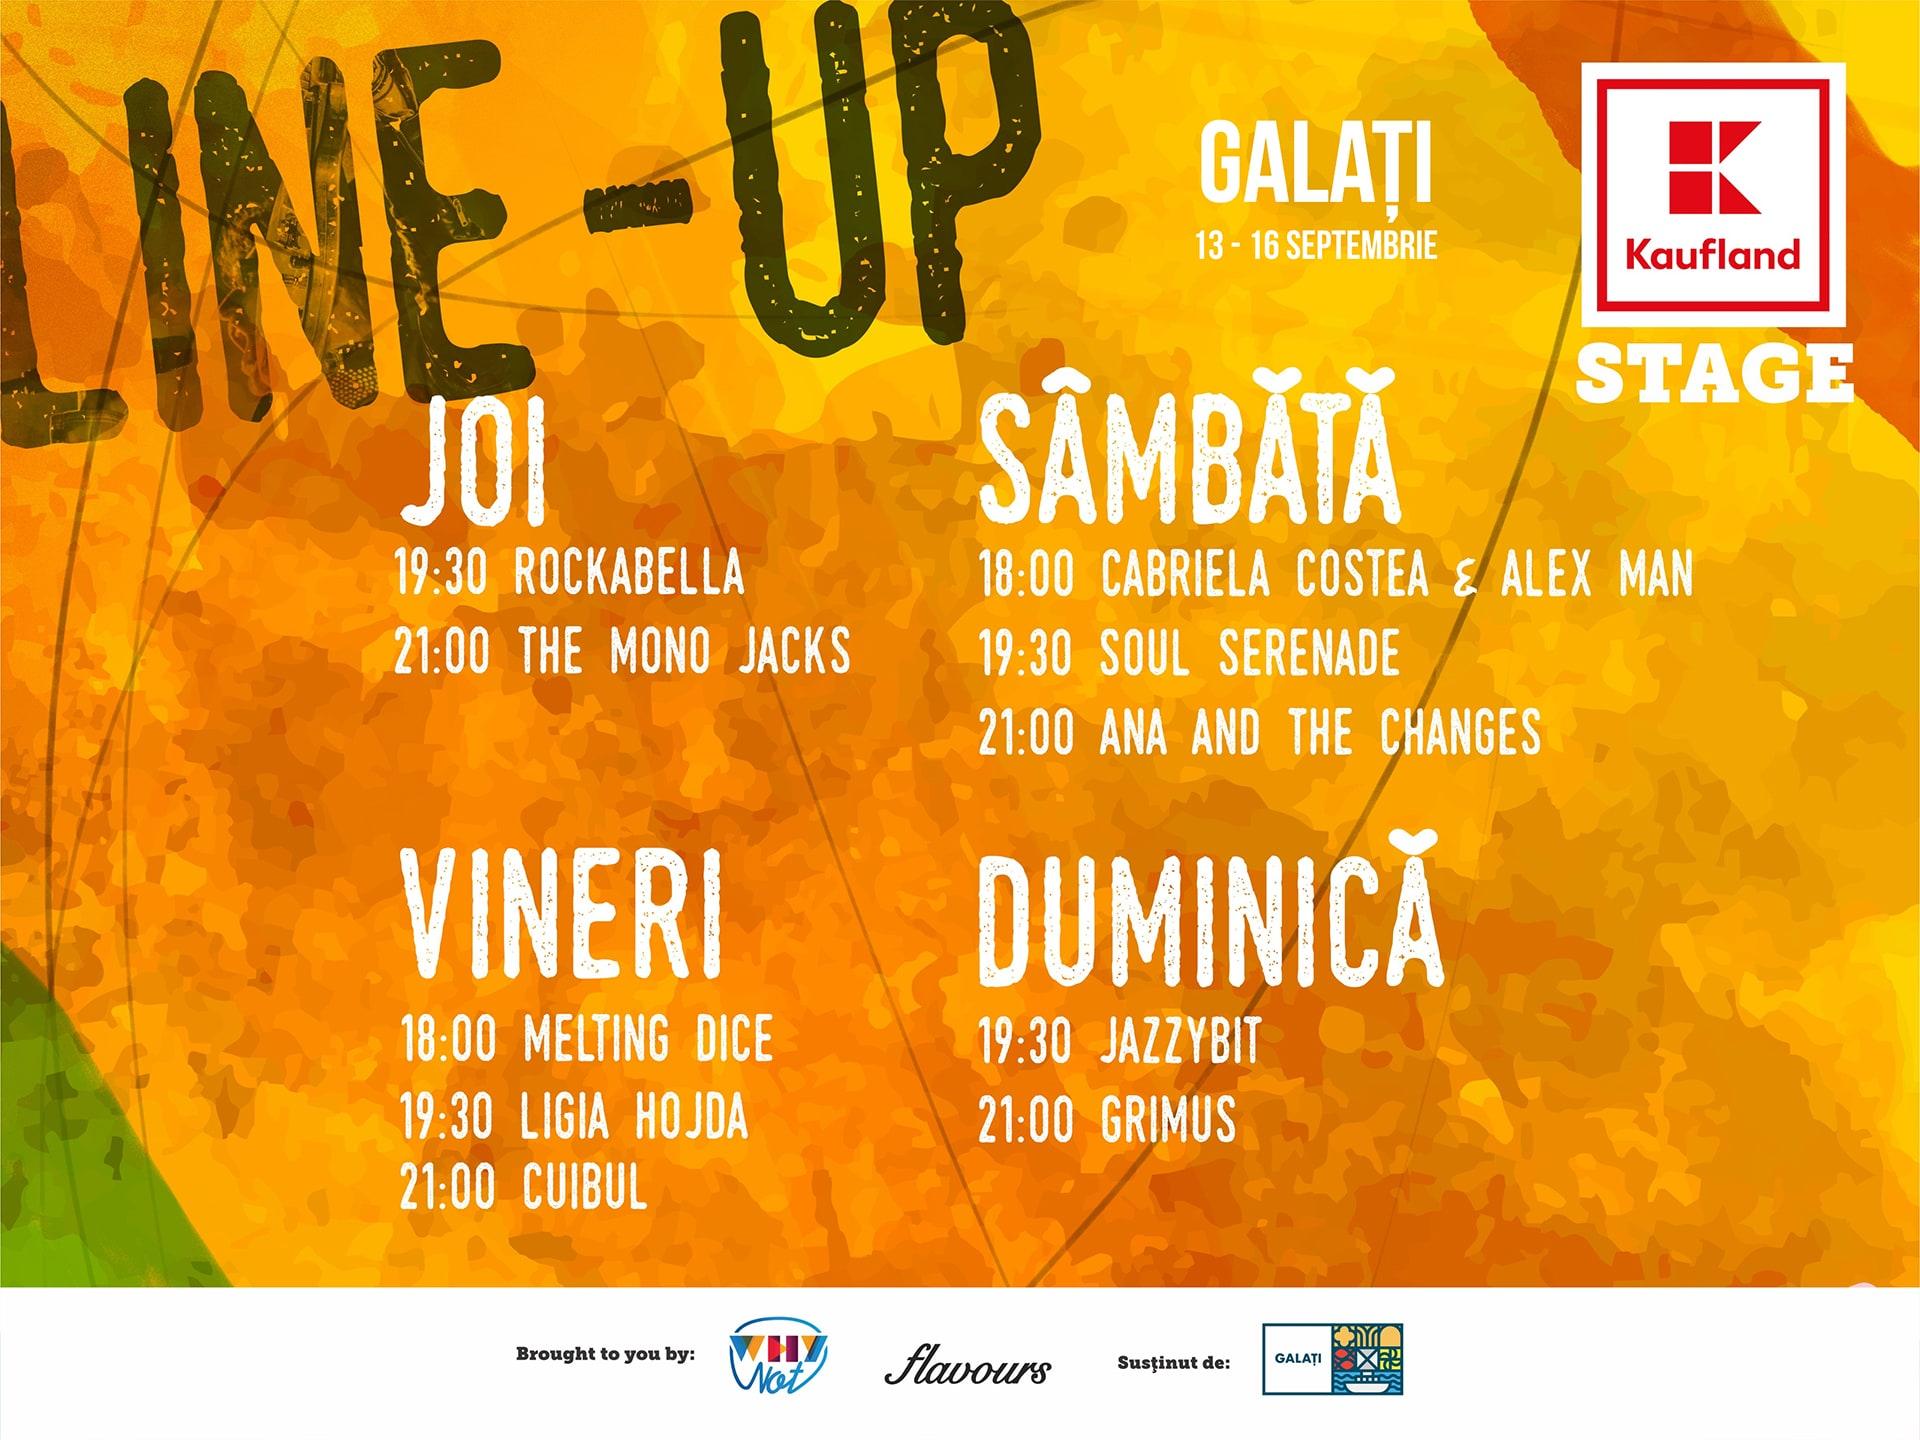 Street_Food_Festival_Line_Up_Galati-min